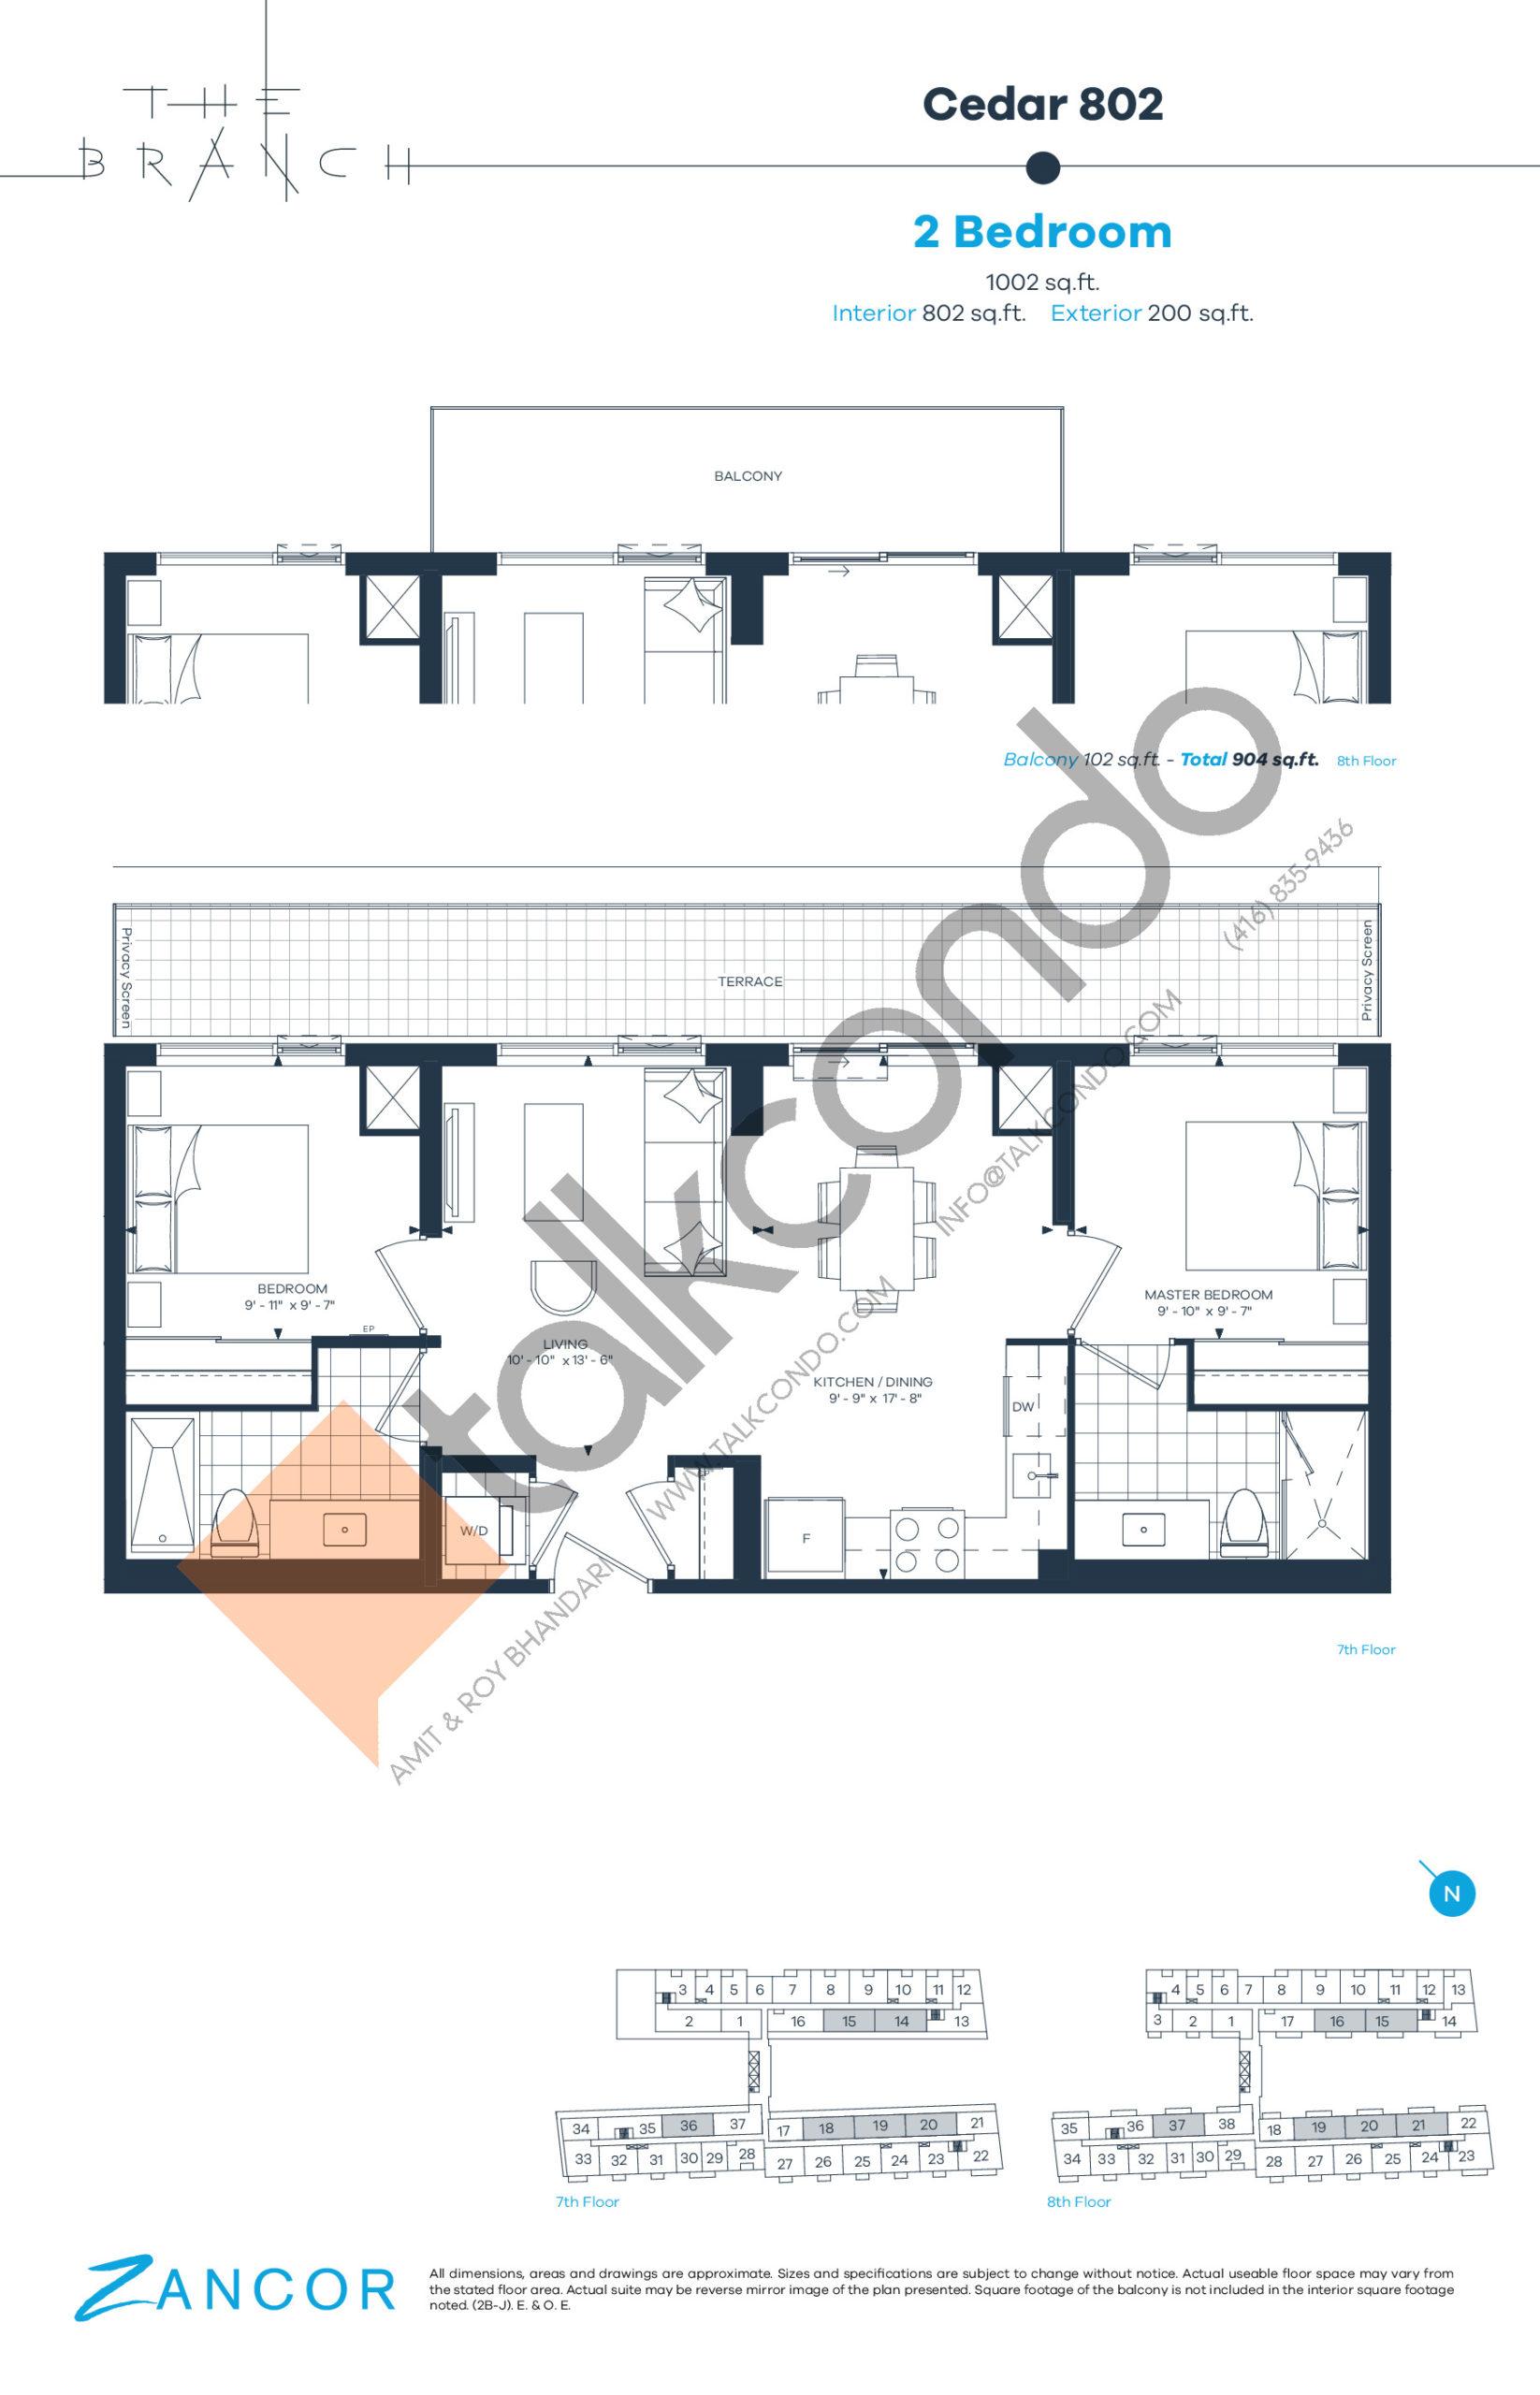 Cedar 802 Floor Plan at The Branch Condos - 802 sq.ft